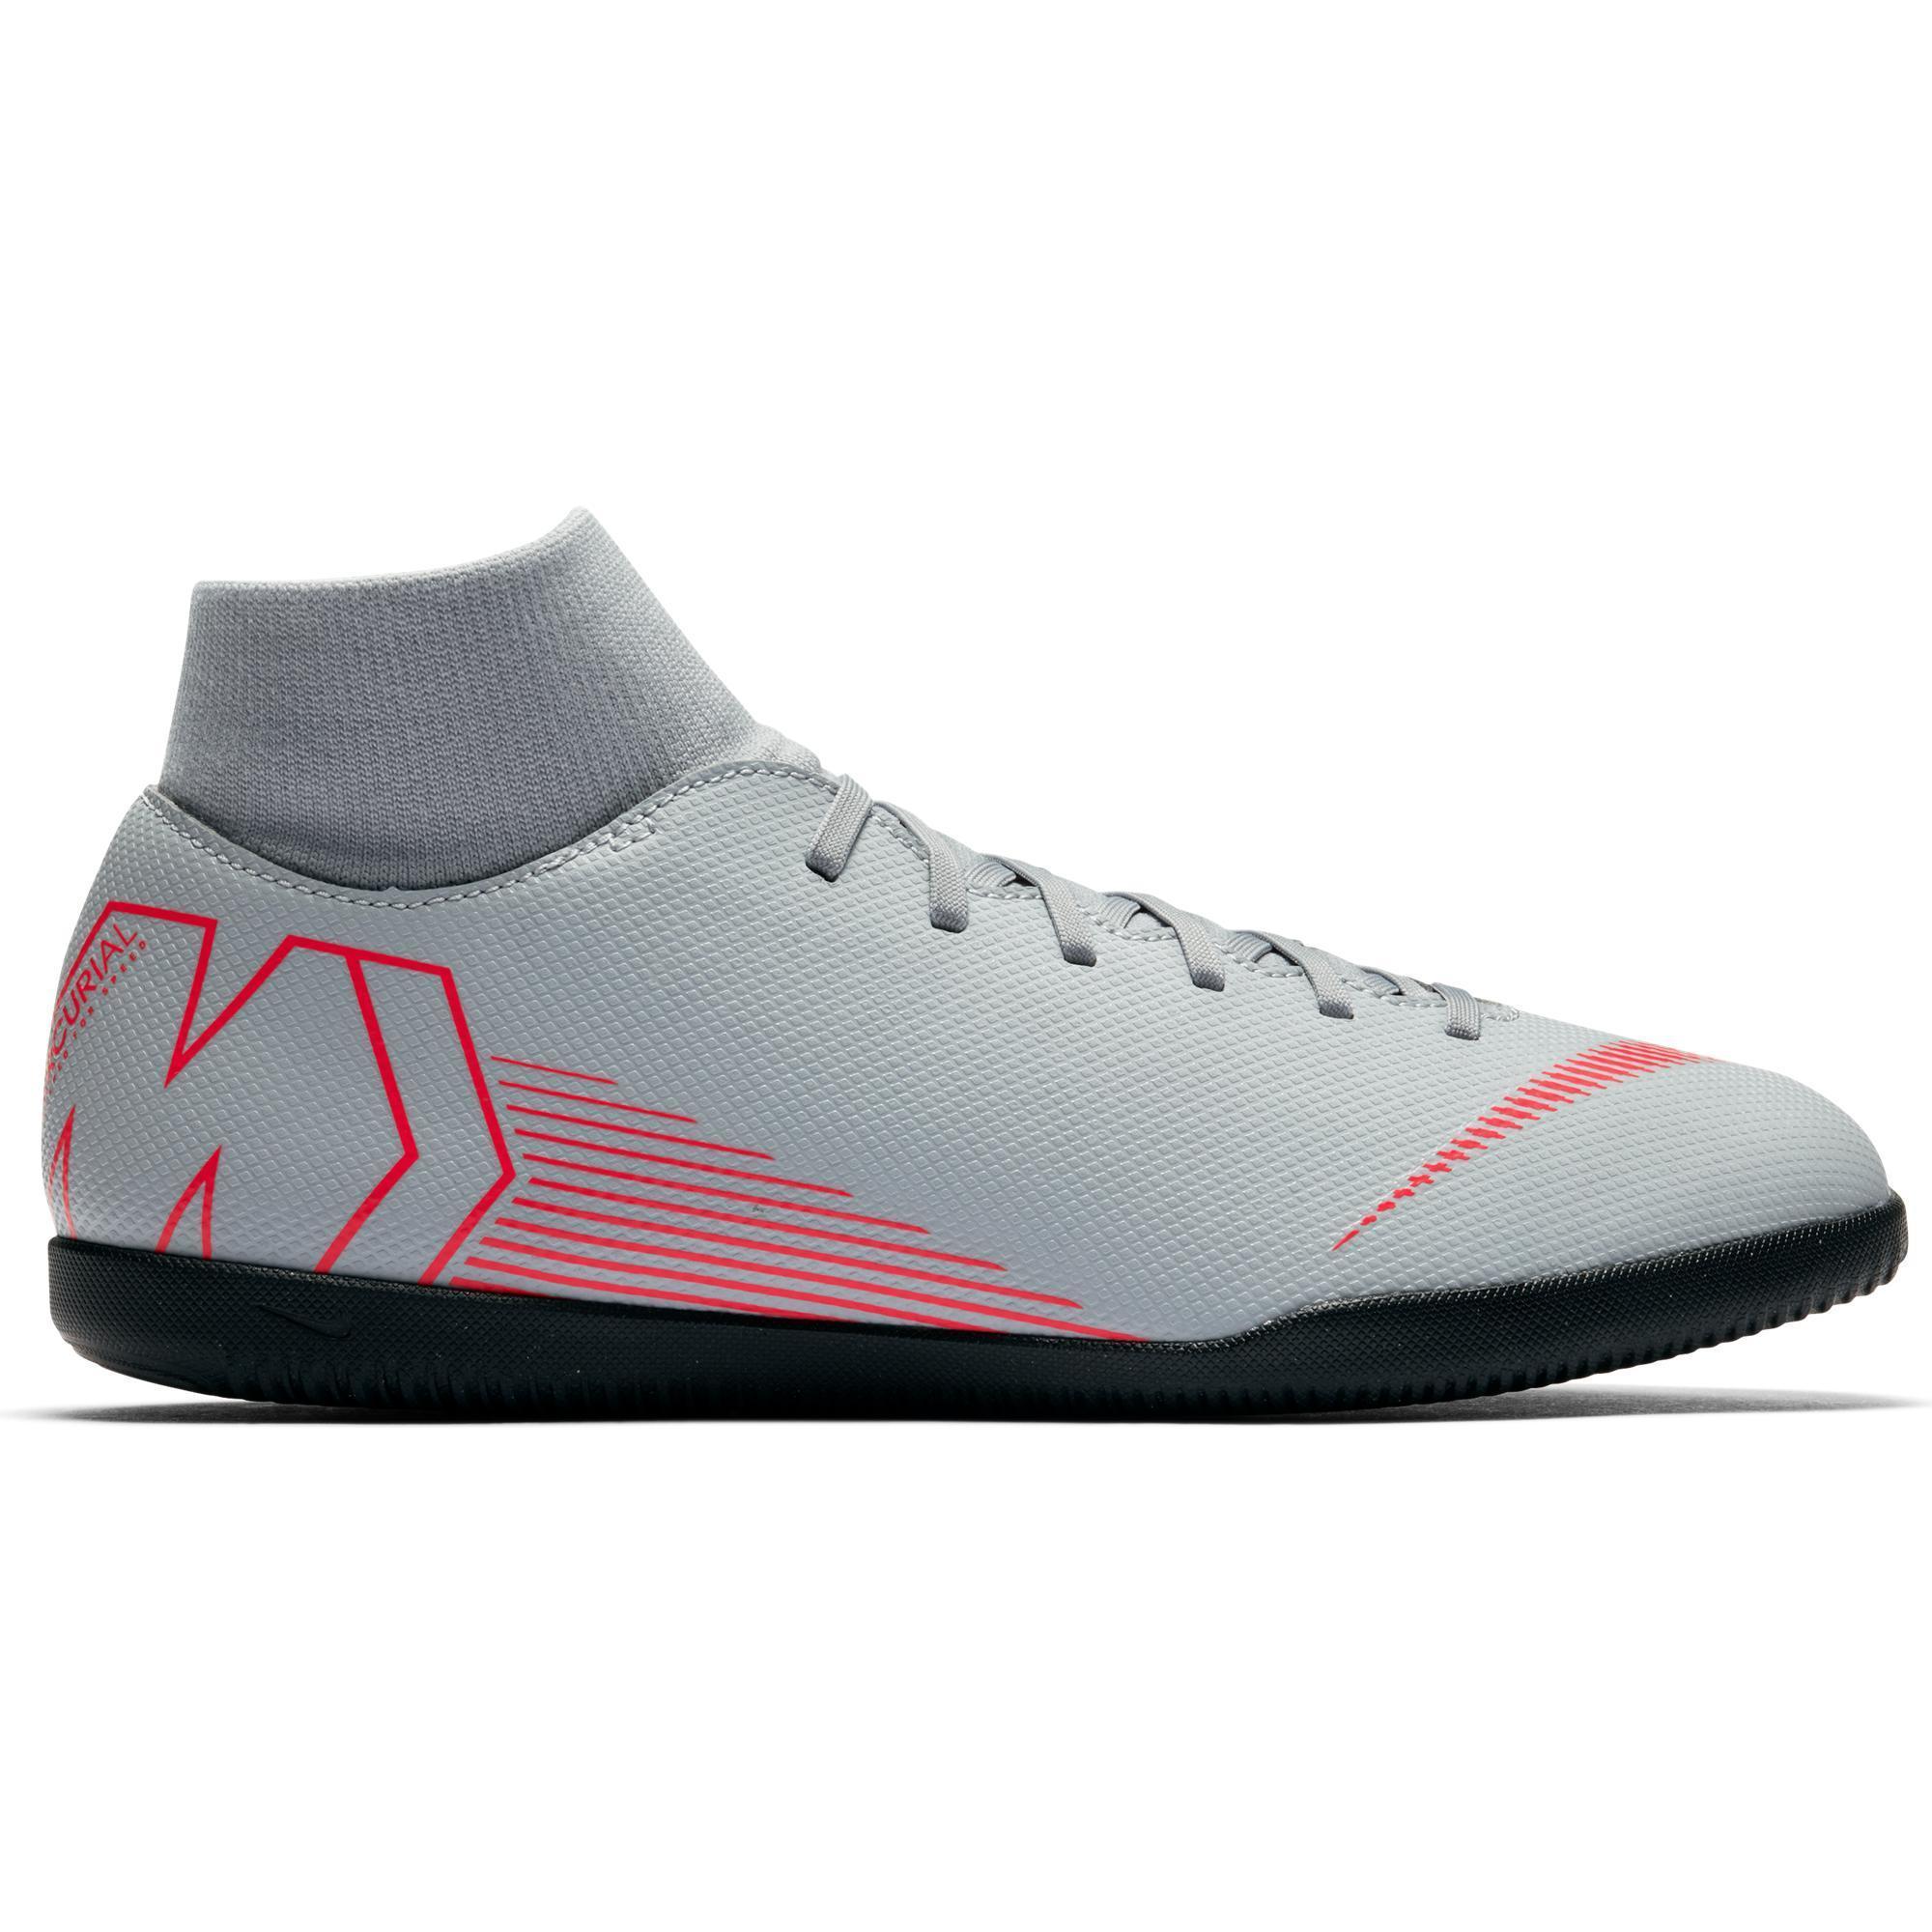 10d625a77cdc4 Comprar Zapatillas y Botas de Fútbol Sala Adultos